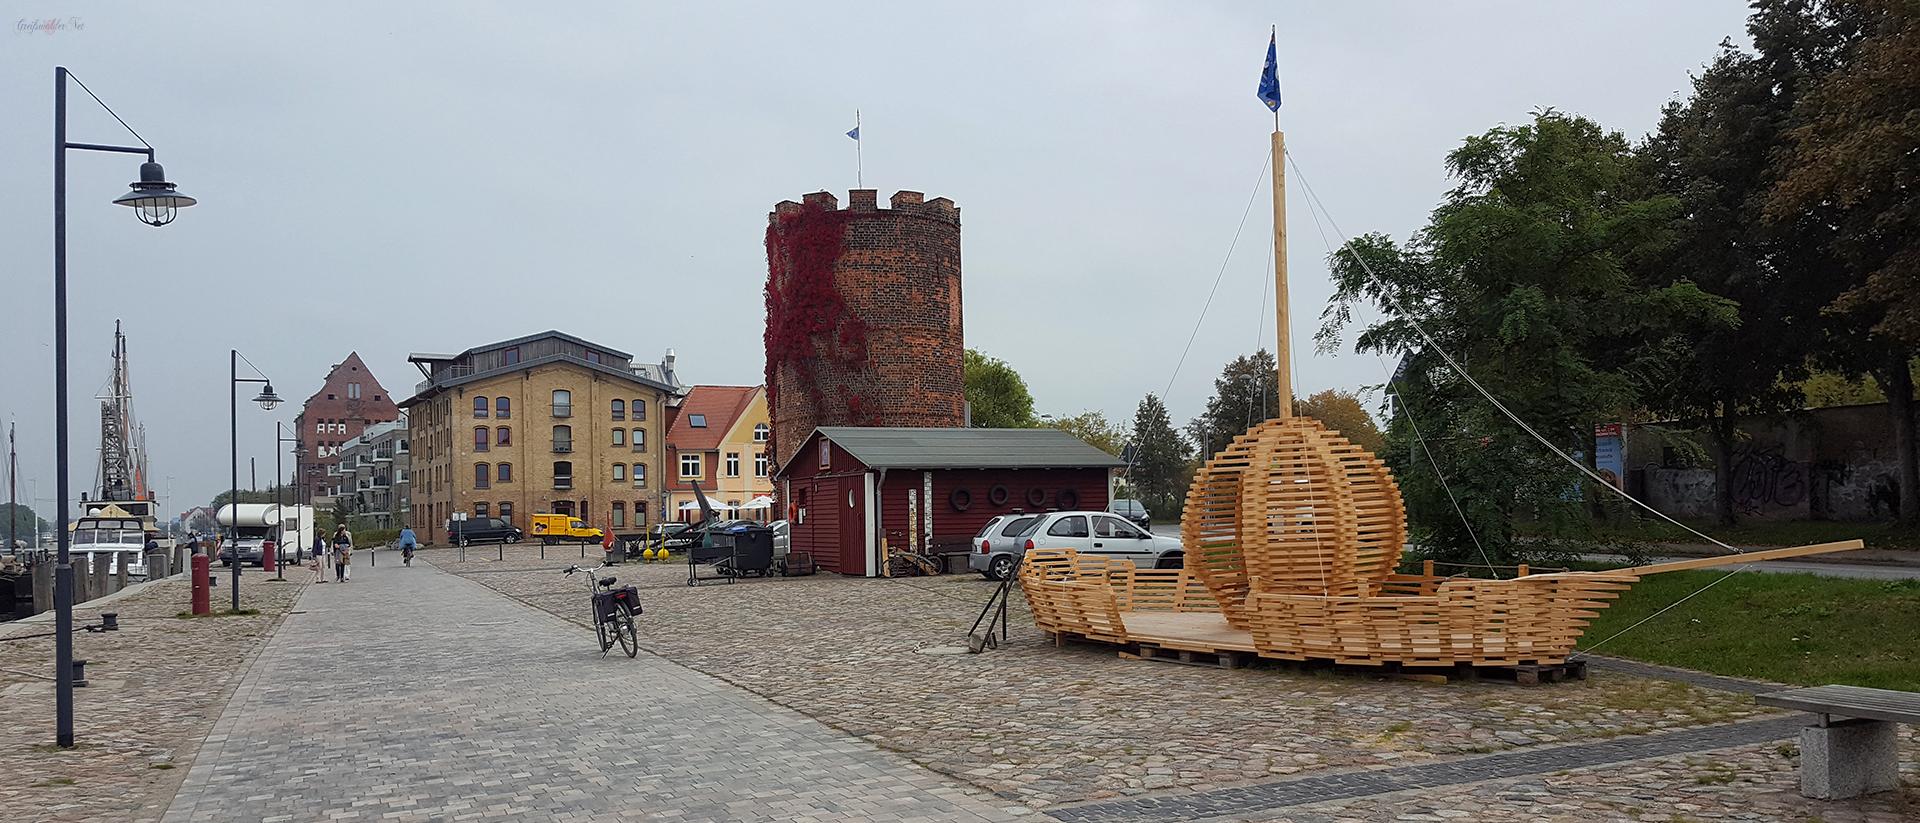 Am Fangenturm in Greifswald